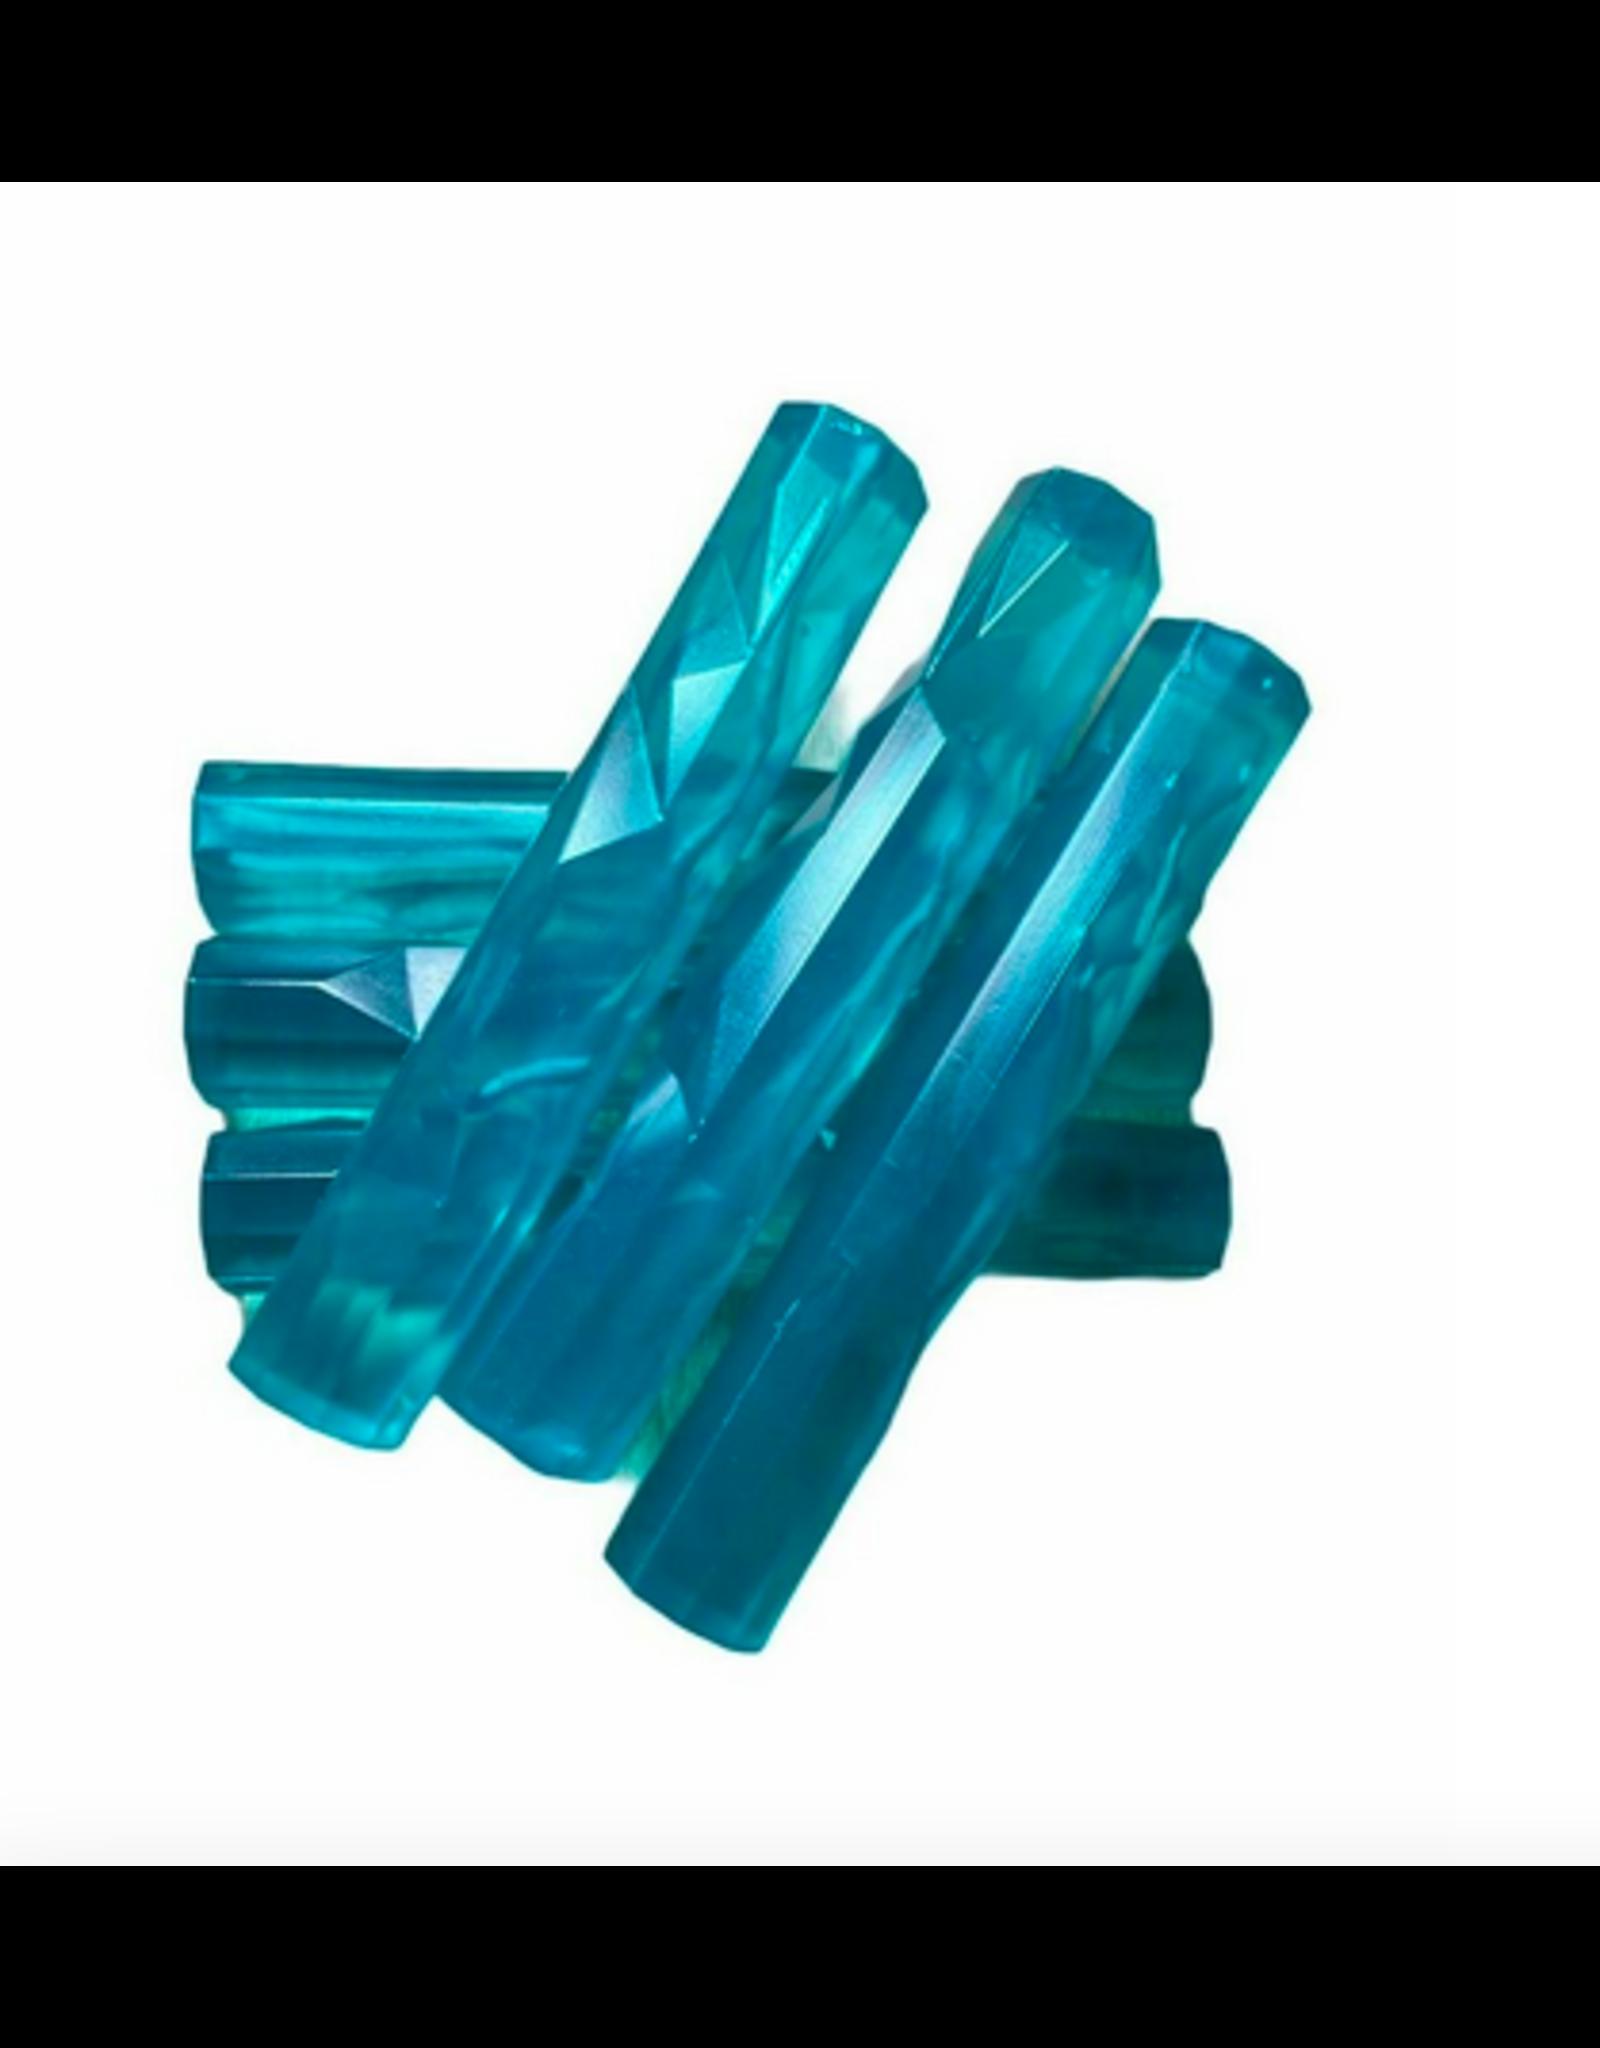 LOFT030 Grote ijsstick 6 stuks 11.5 cm blauw ARTIC - herbruikbaar